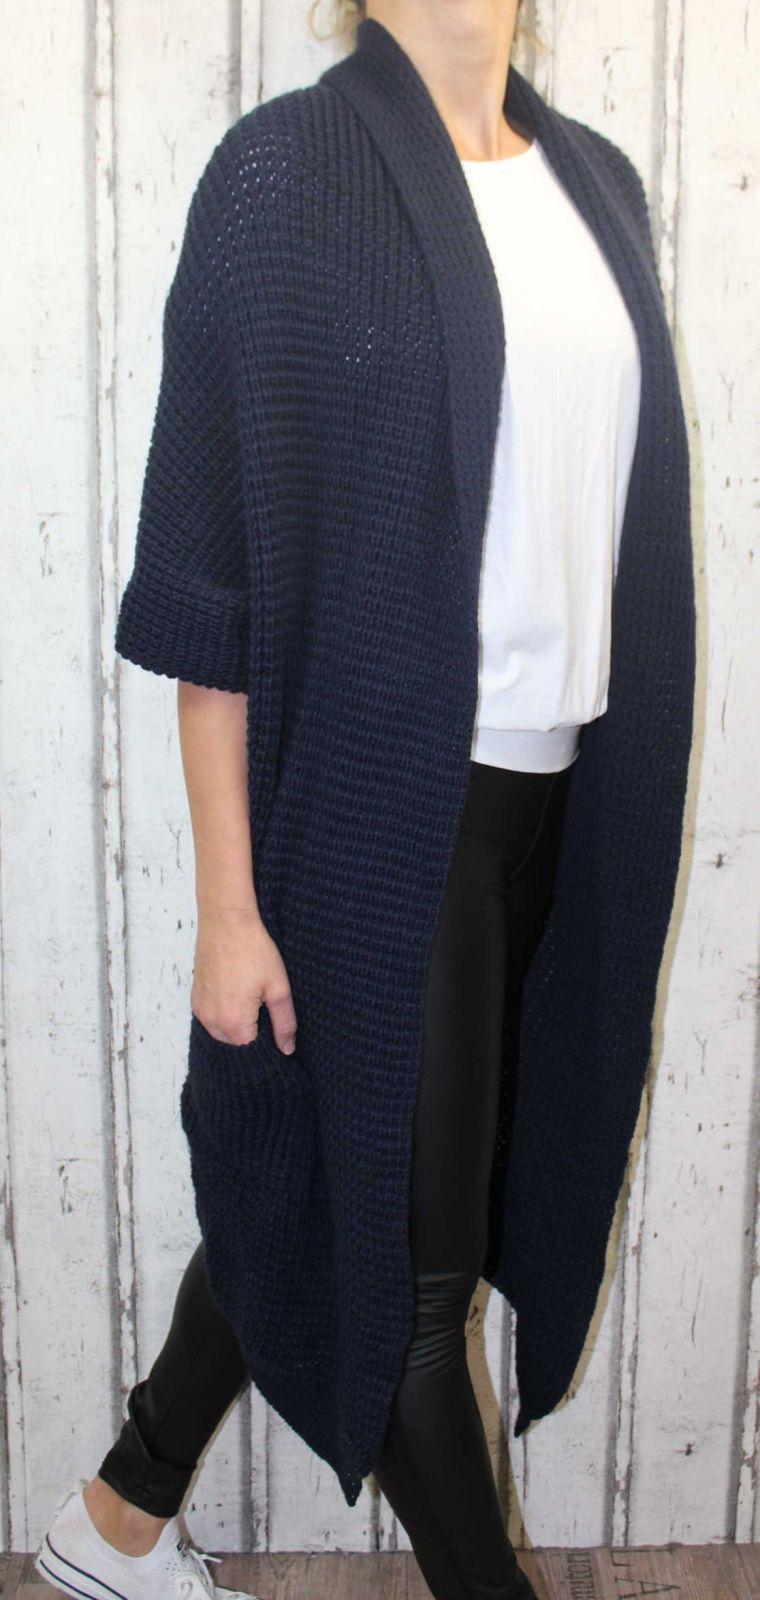 Dámský dlouhý pletený kardigan dámský dlouhý svetr, dlouhý letní svetr, dámský pletený kardigan, dámský pletený modrý kardigan Italy Moda